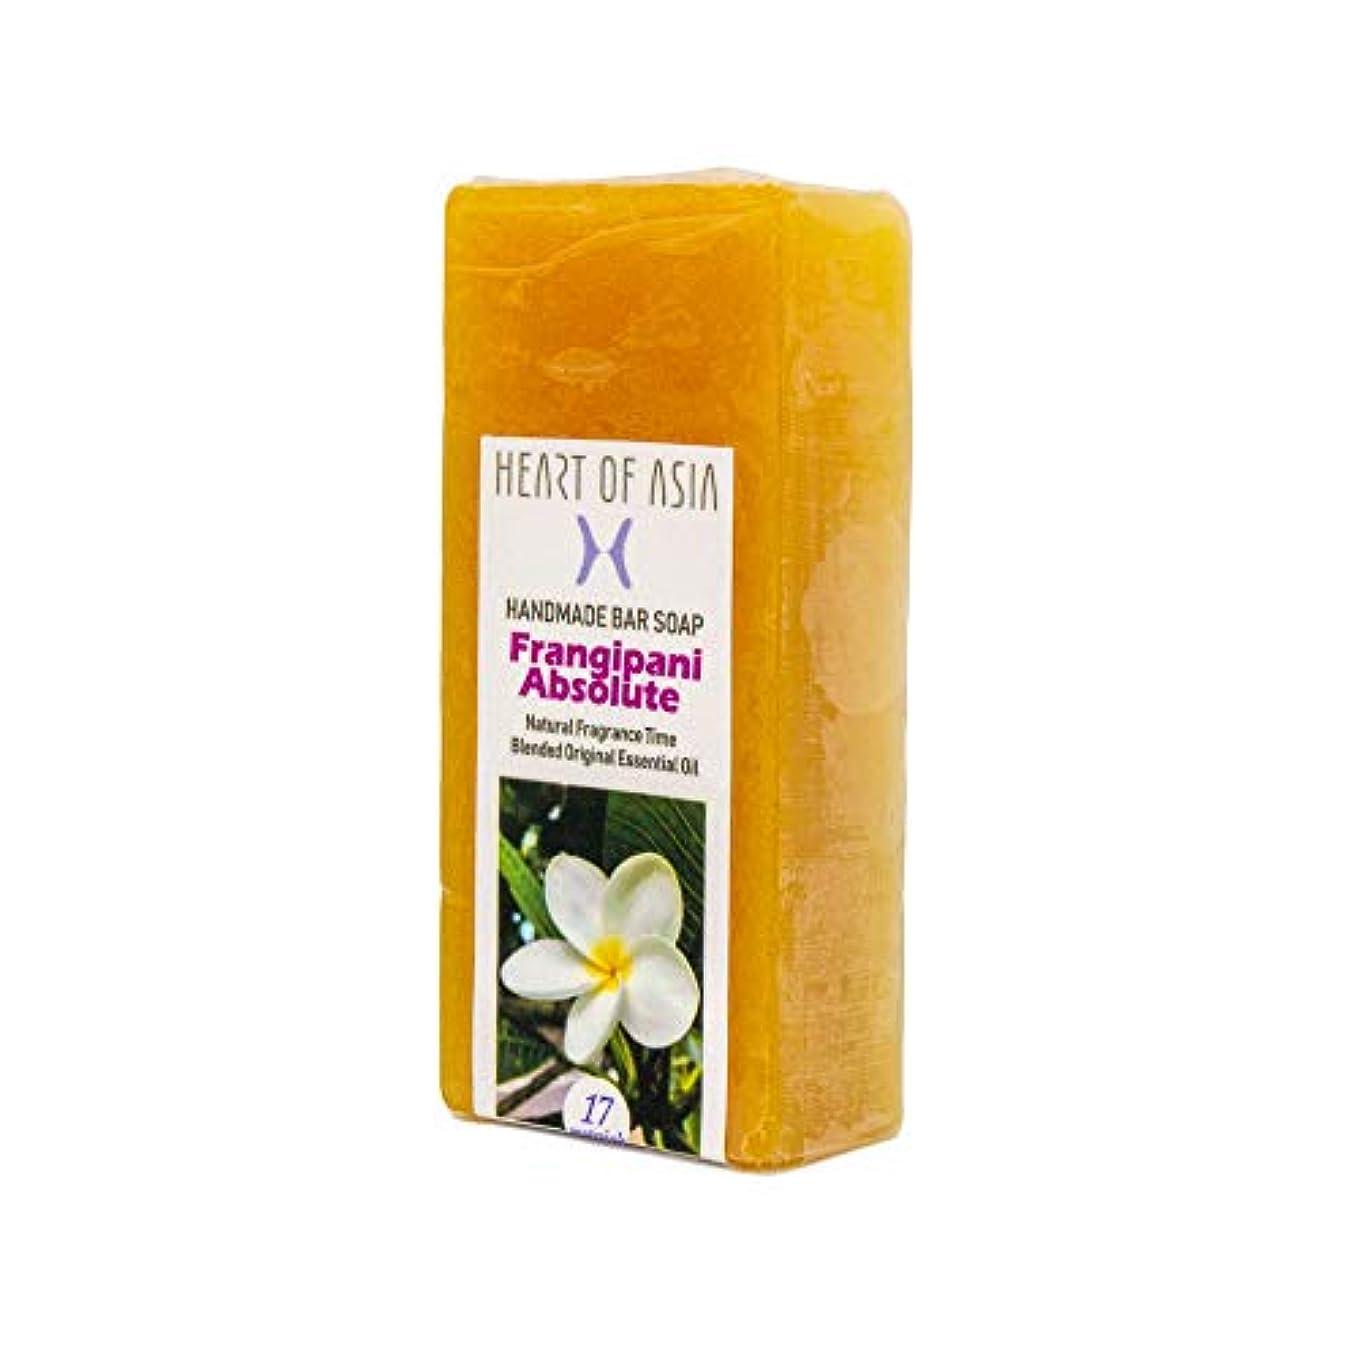 制限するしてはいけないベルト香水のようなフレグランス石けん HANDMADE BAR SOAP ~Frangipani Absolute~ (単品)